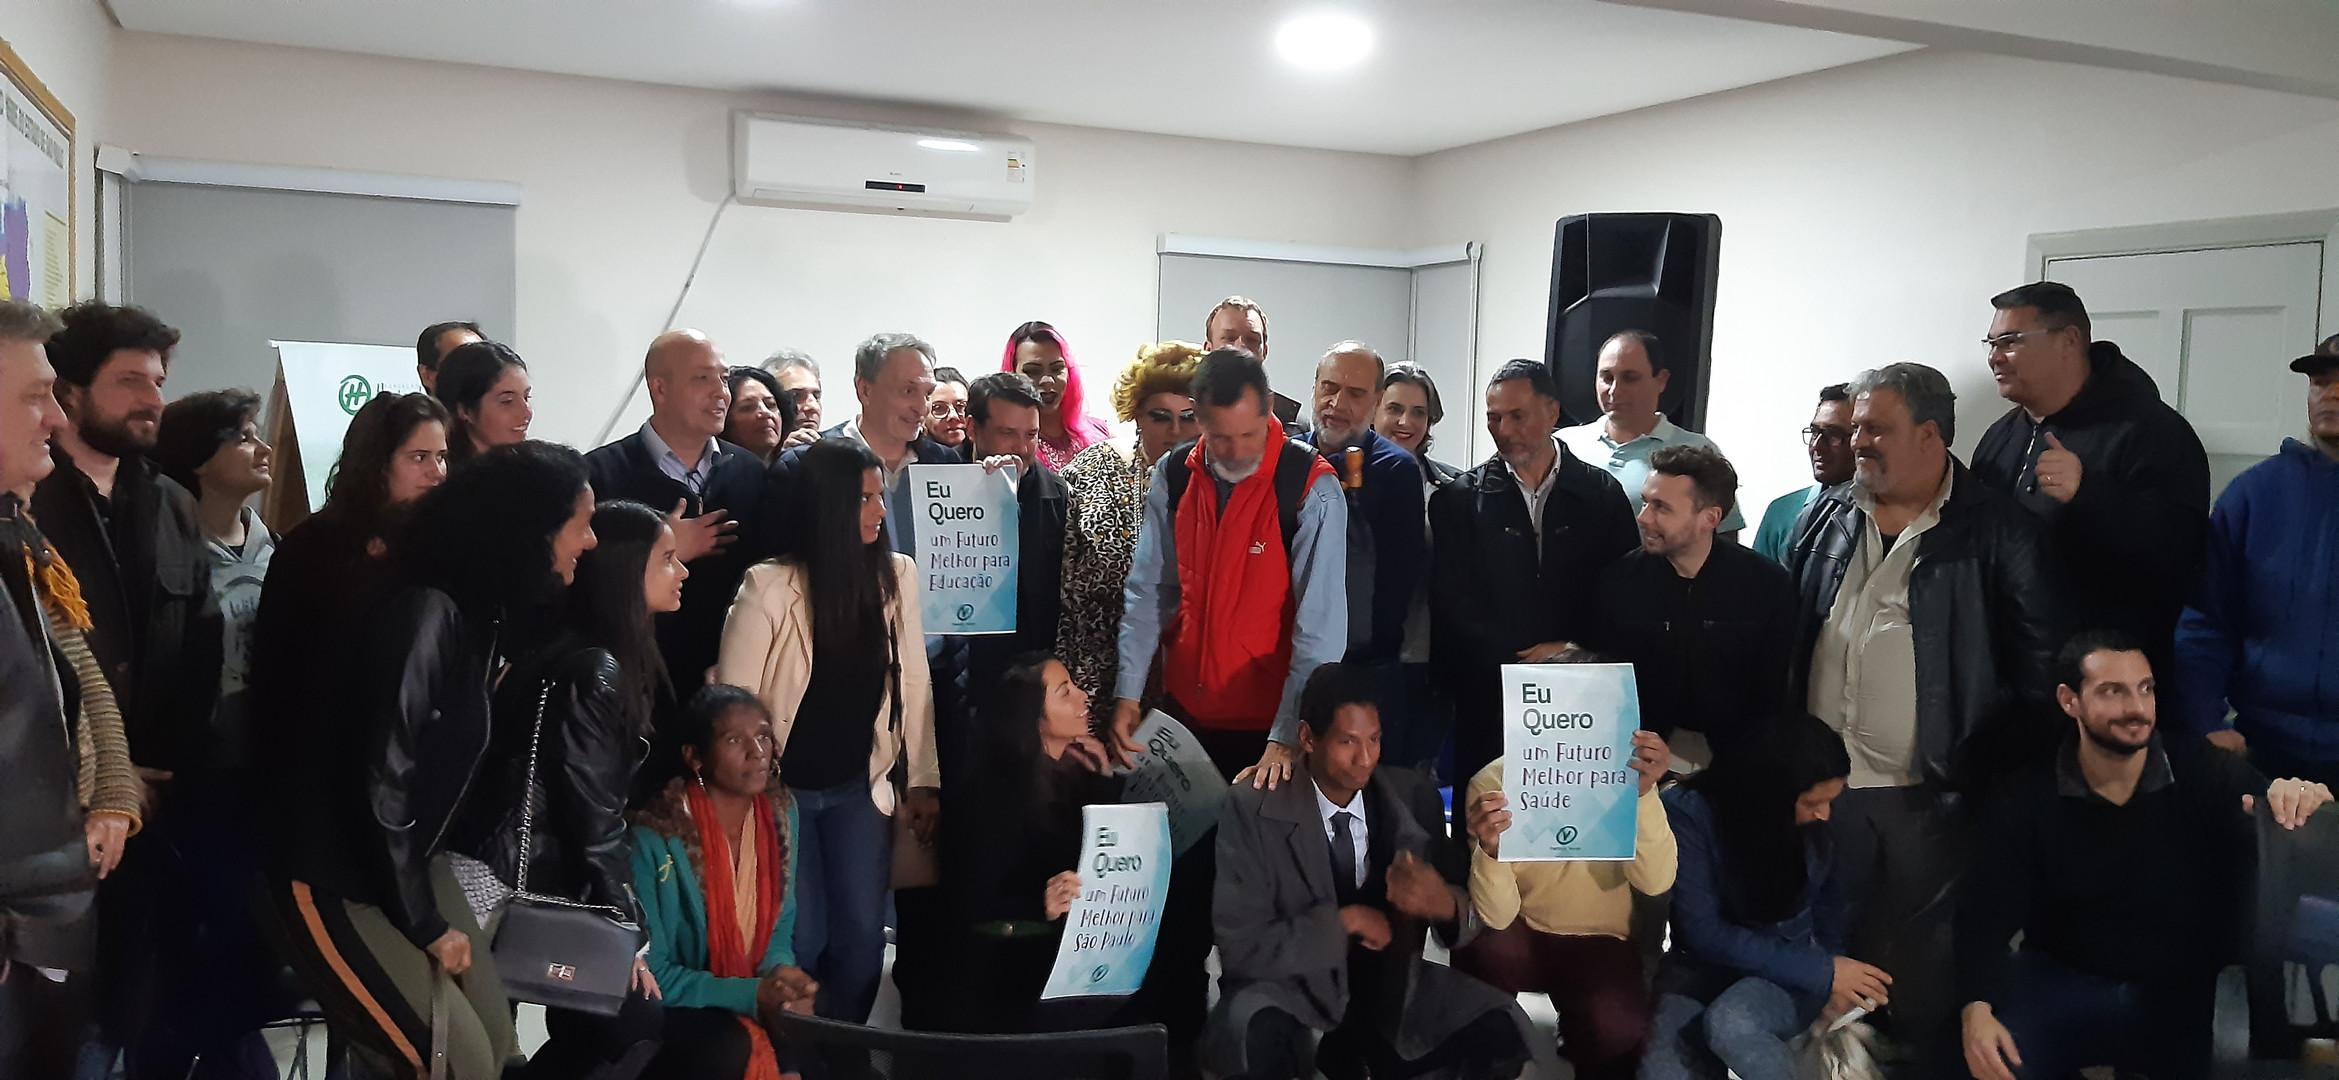 PartidoverdeSP